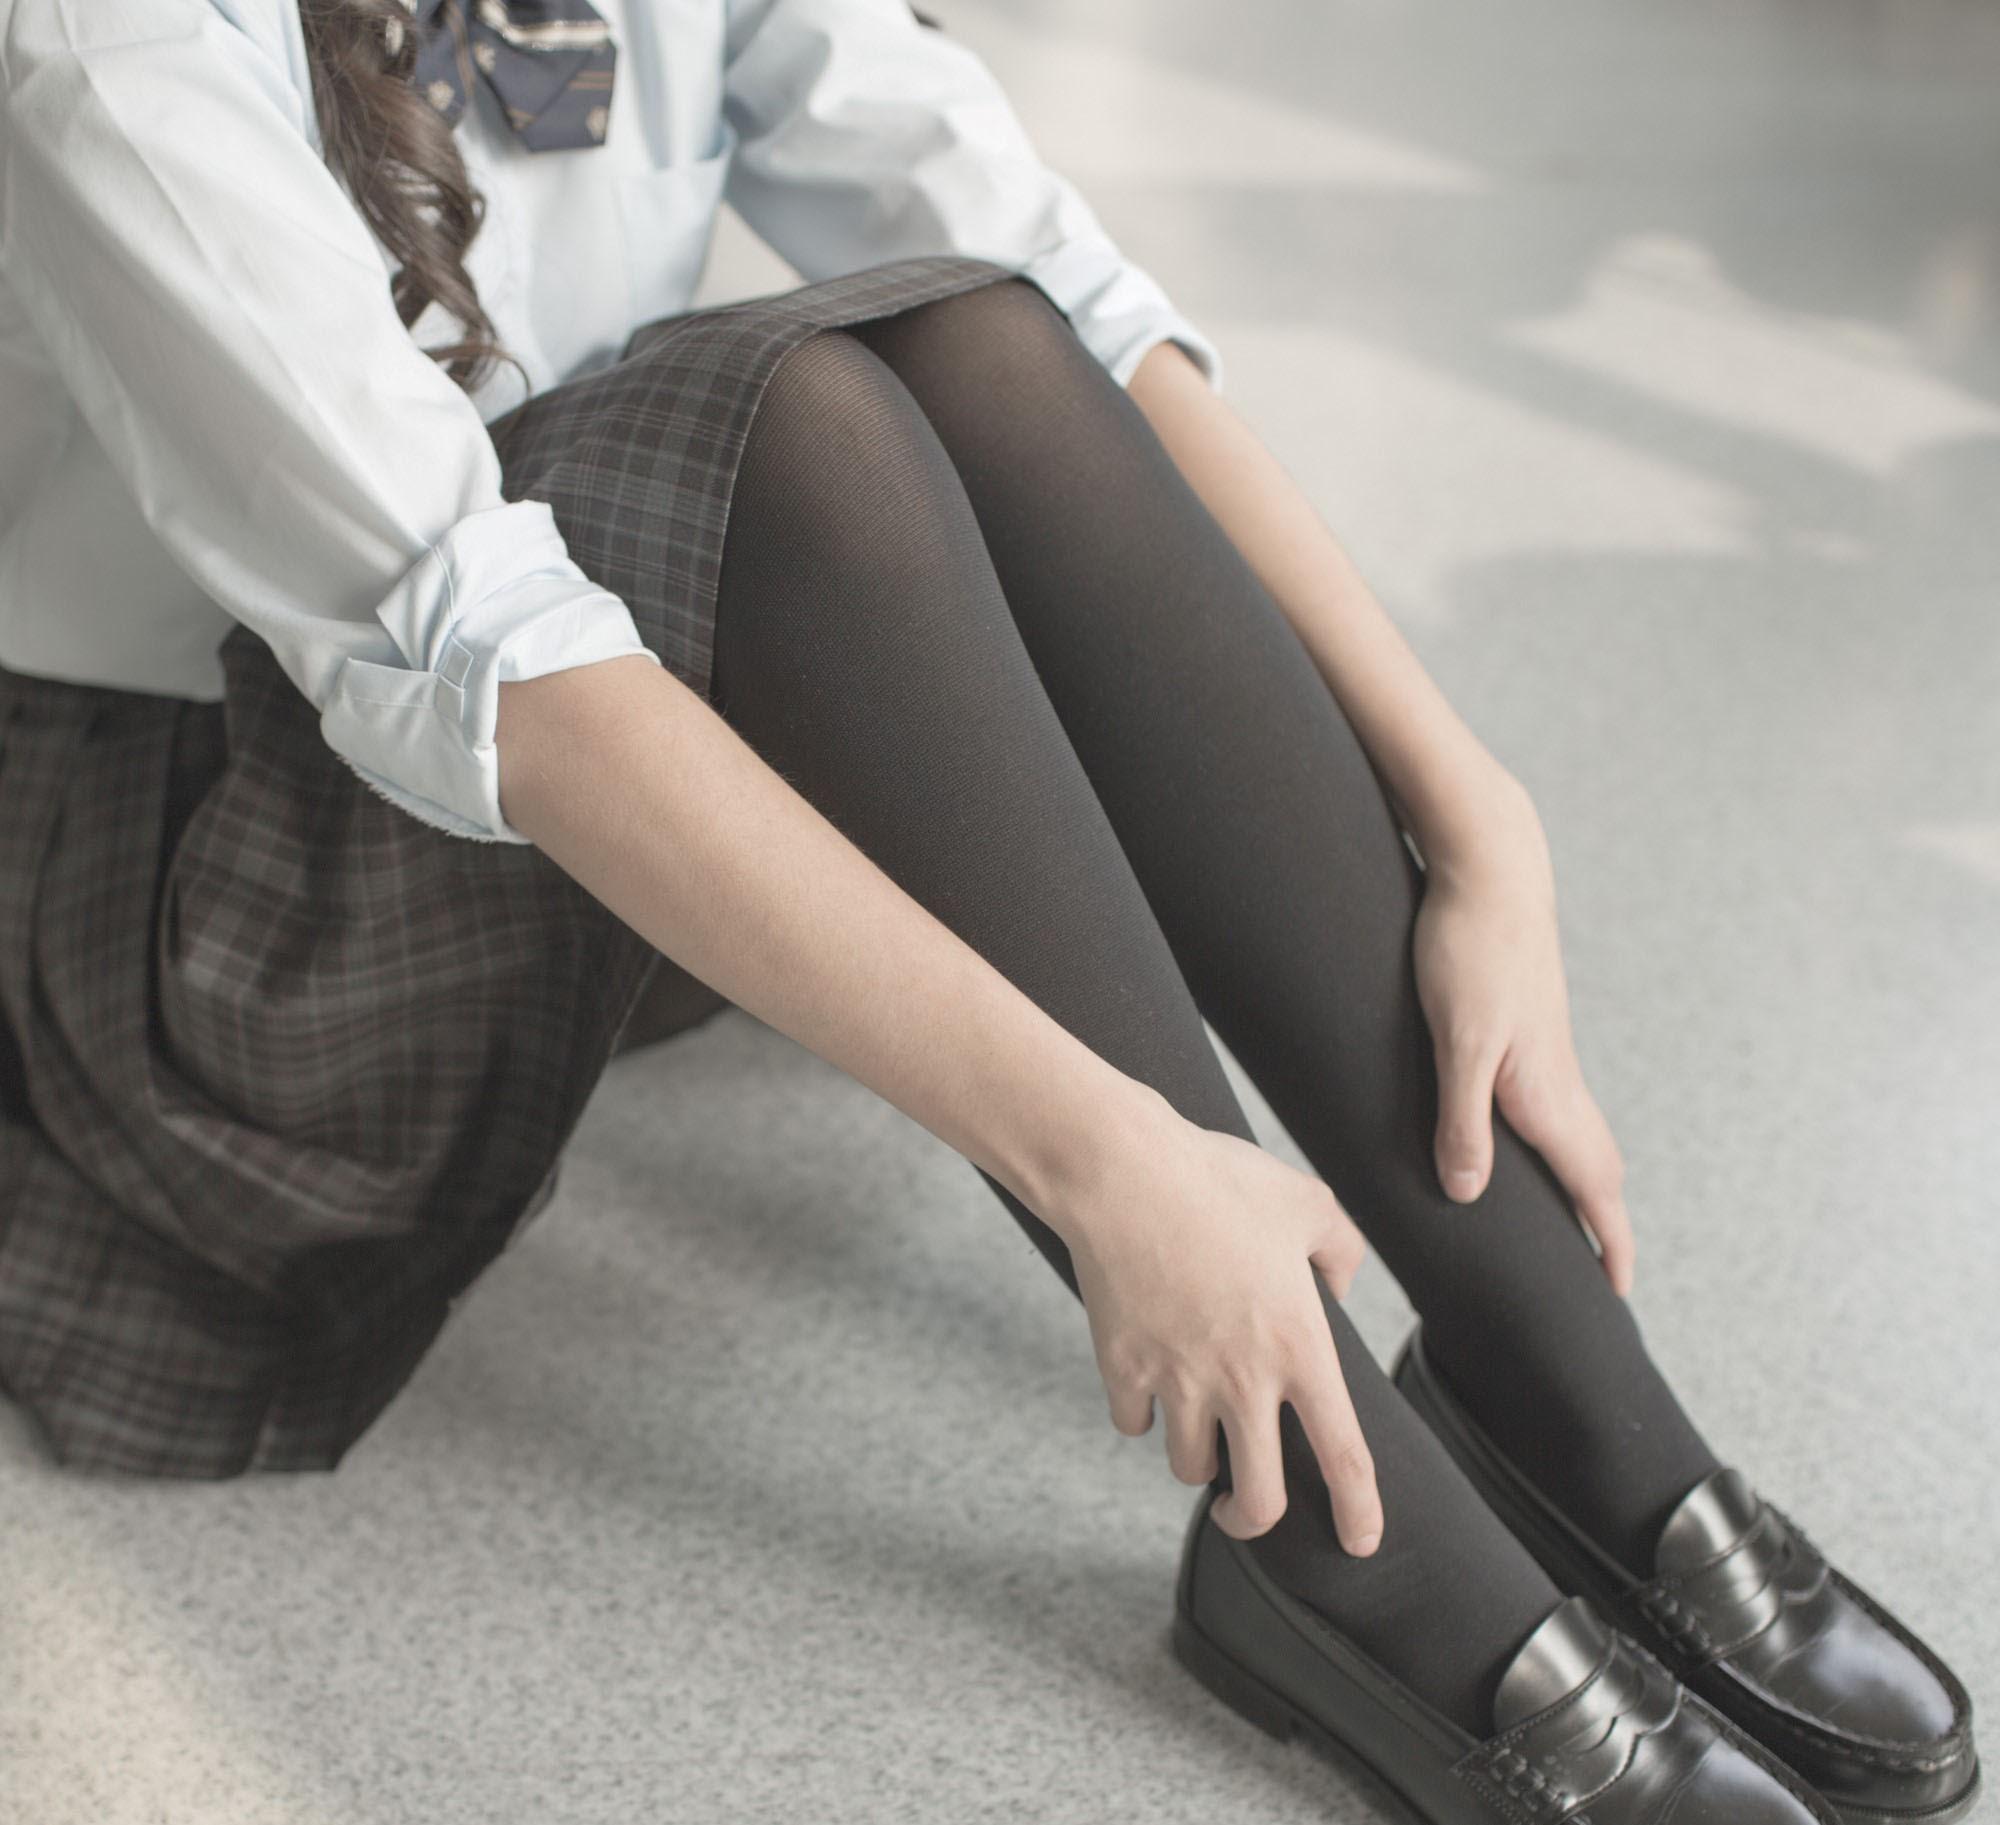 【兔玩映画】腿控福利-杂图集锦 兔玩映画 第23张